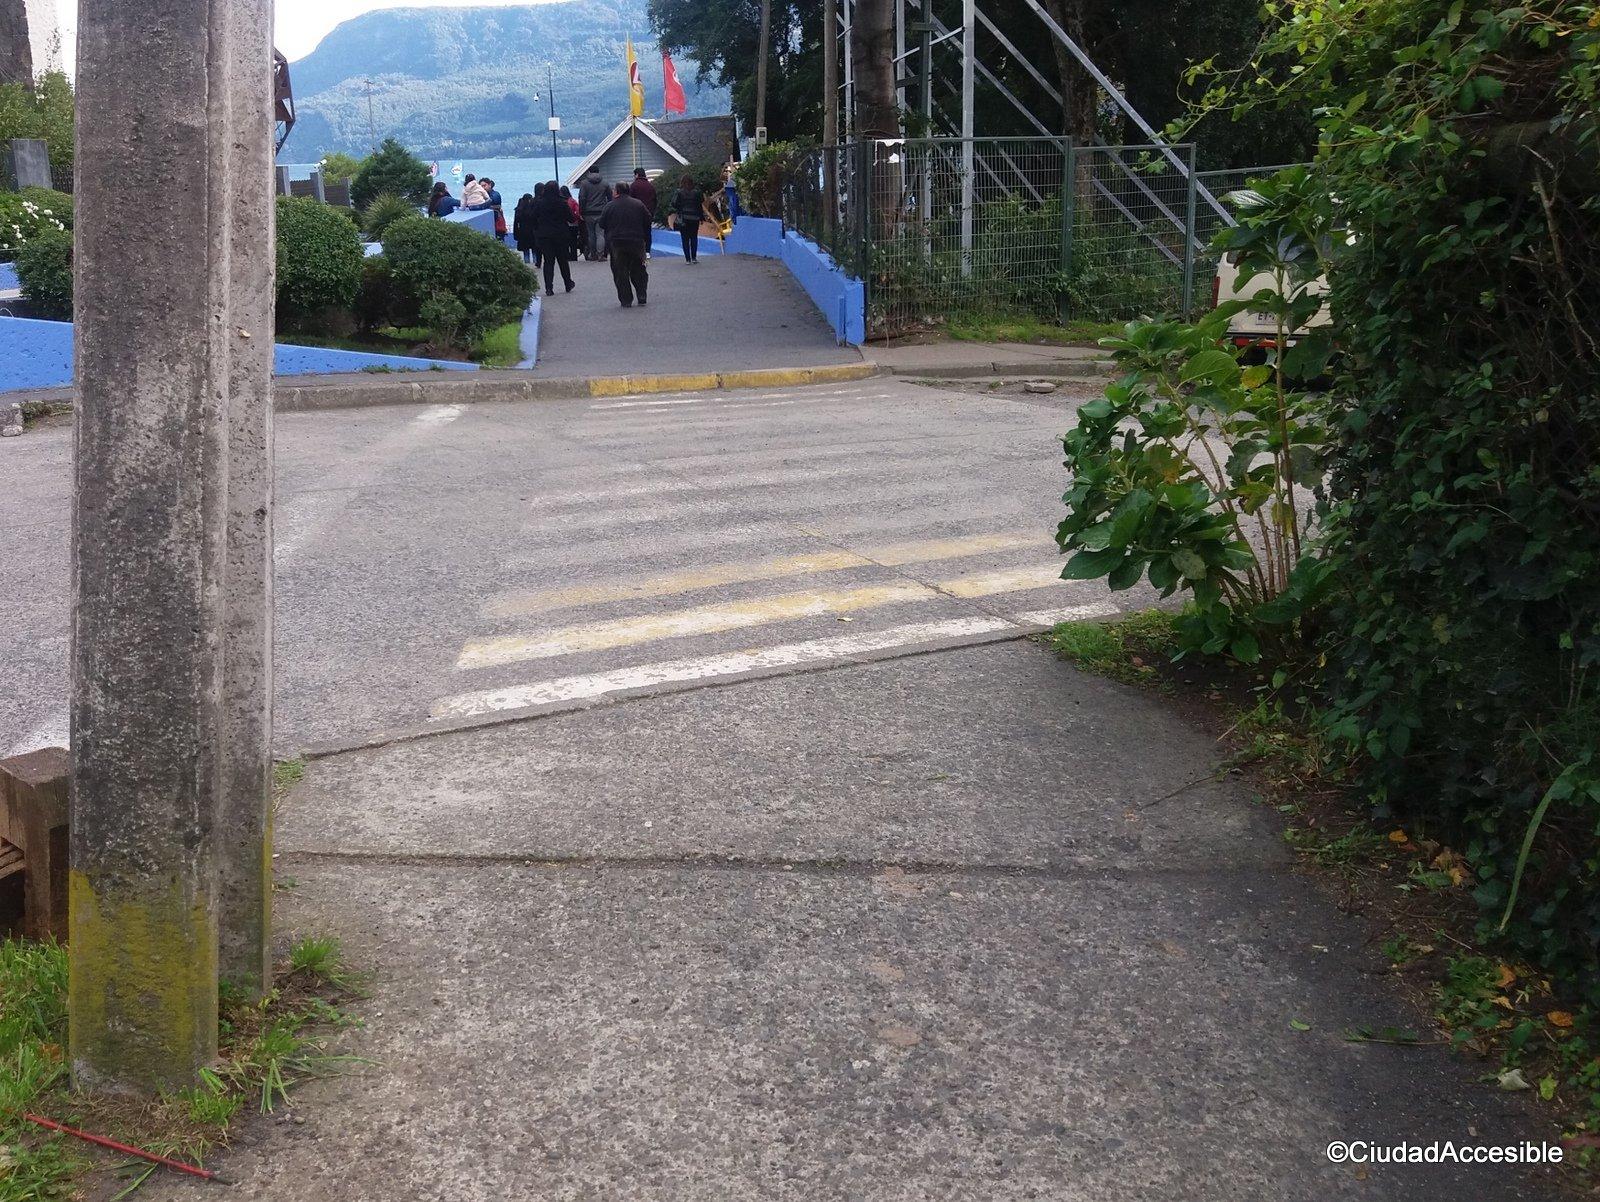 cruce peatonal sin rebaje entre la vereda y la calzada